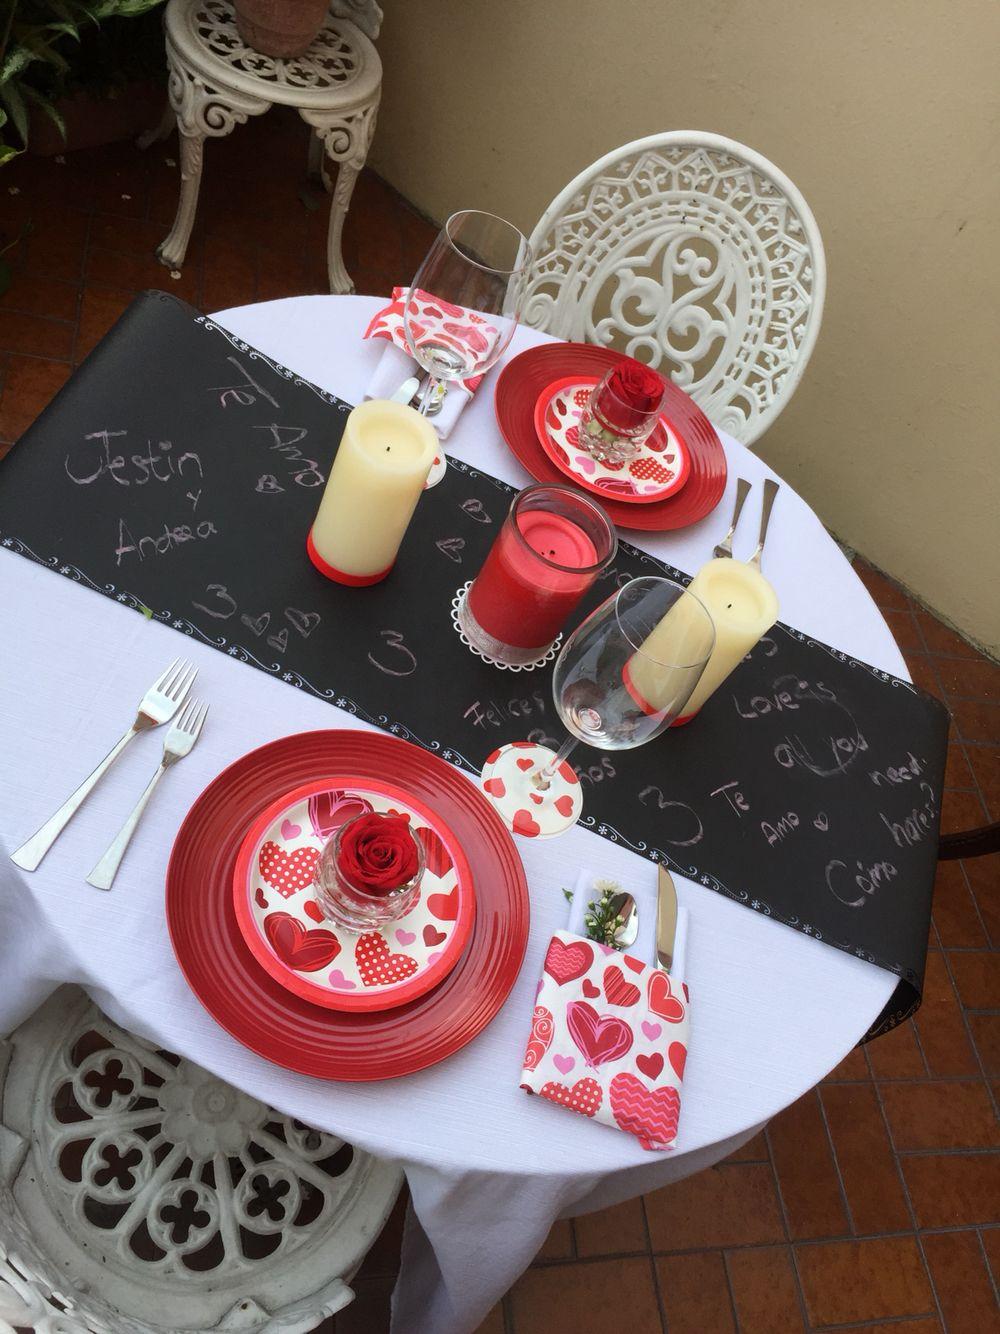 decoraci n de mesa para cena rom ntica cena s